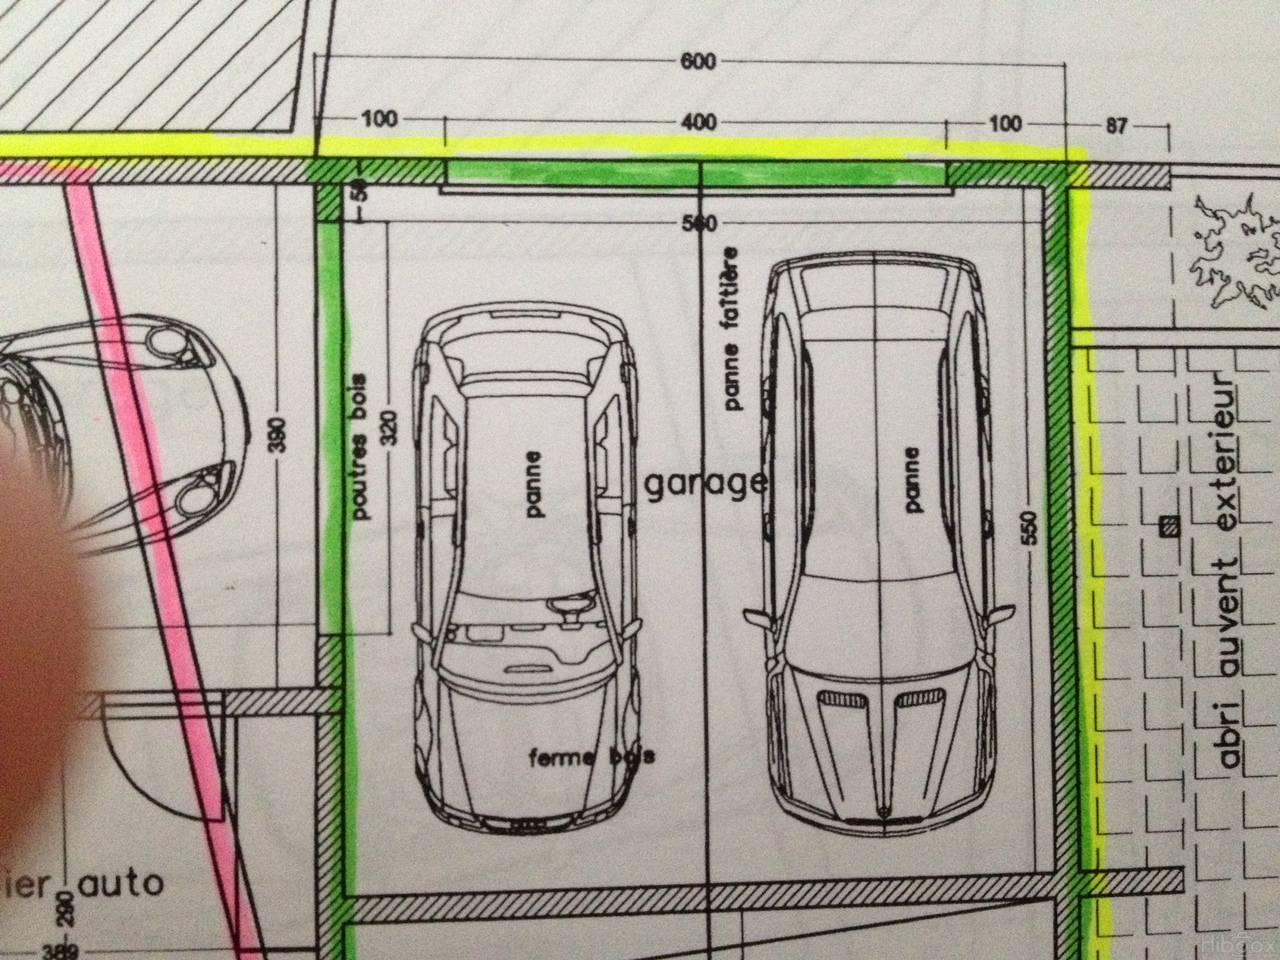 Garage designs. garage storage idea with garage man cave ideas ...